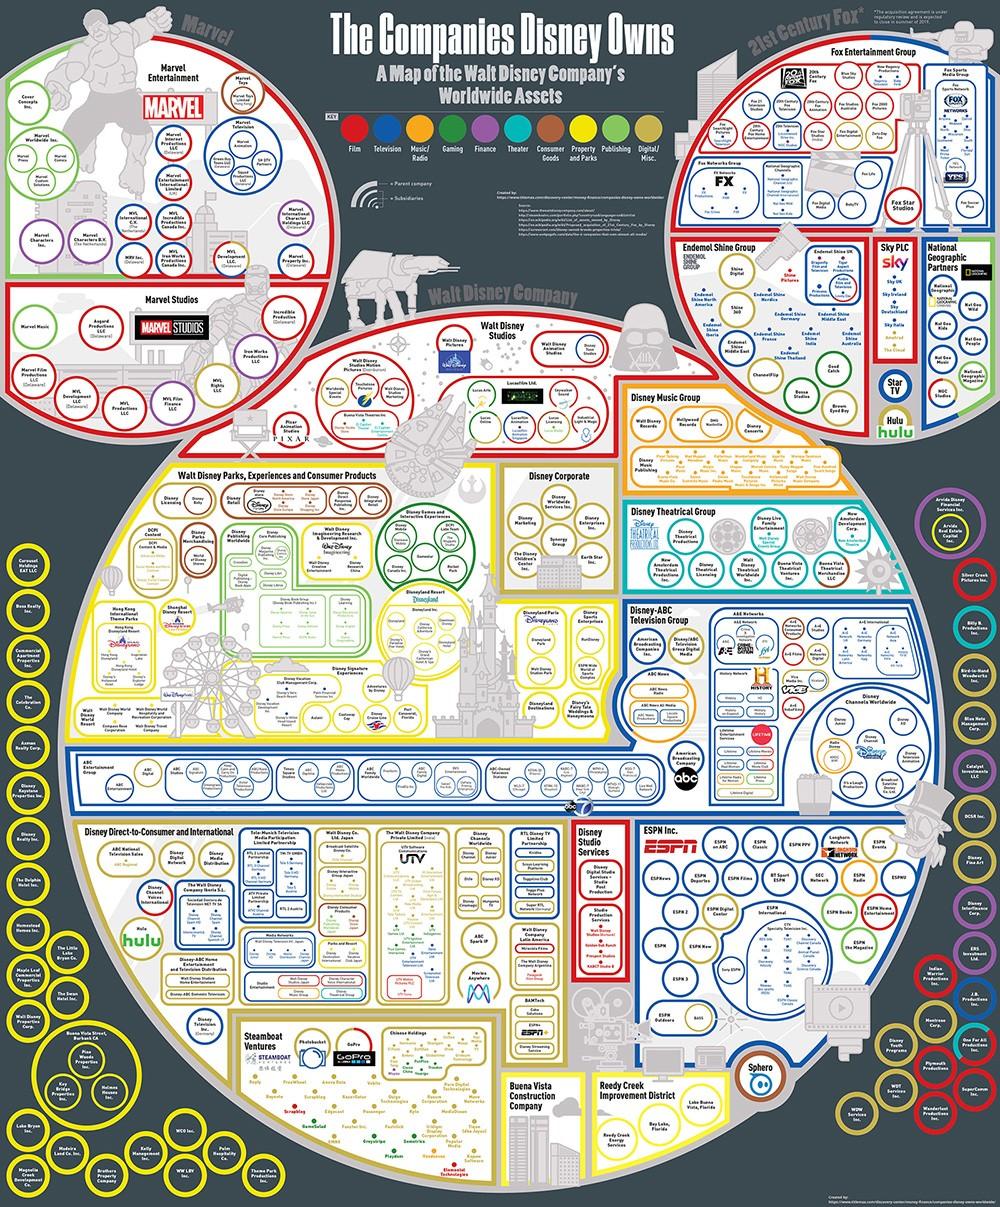 A Disney cégbirodalma (kép forrása: https://www.titlemax.com/discovery-center/money-finance/companies-disney-owns-worldwide/)